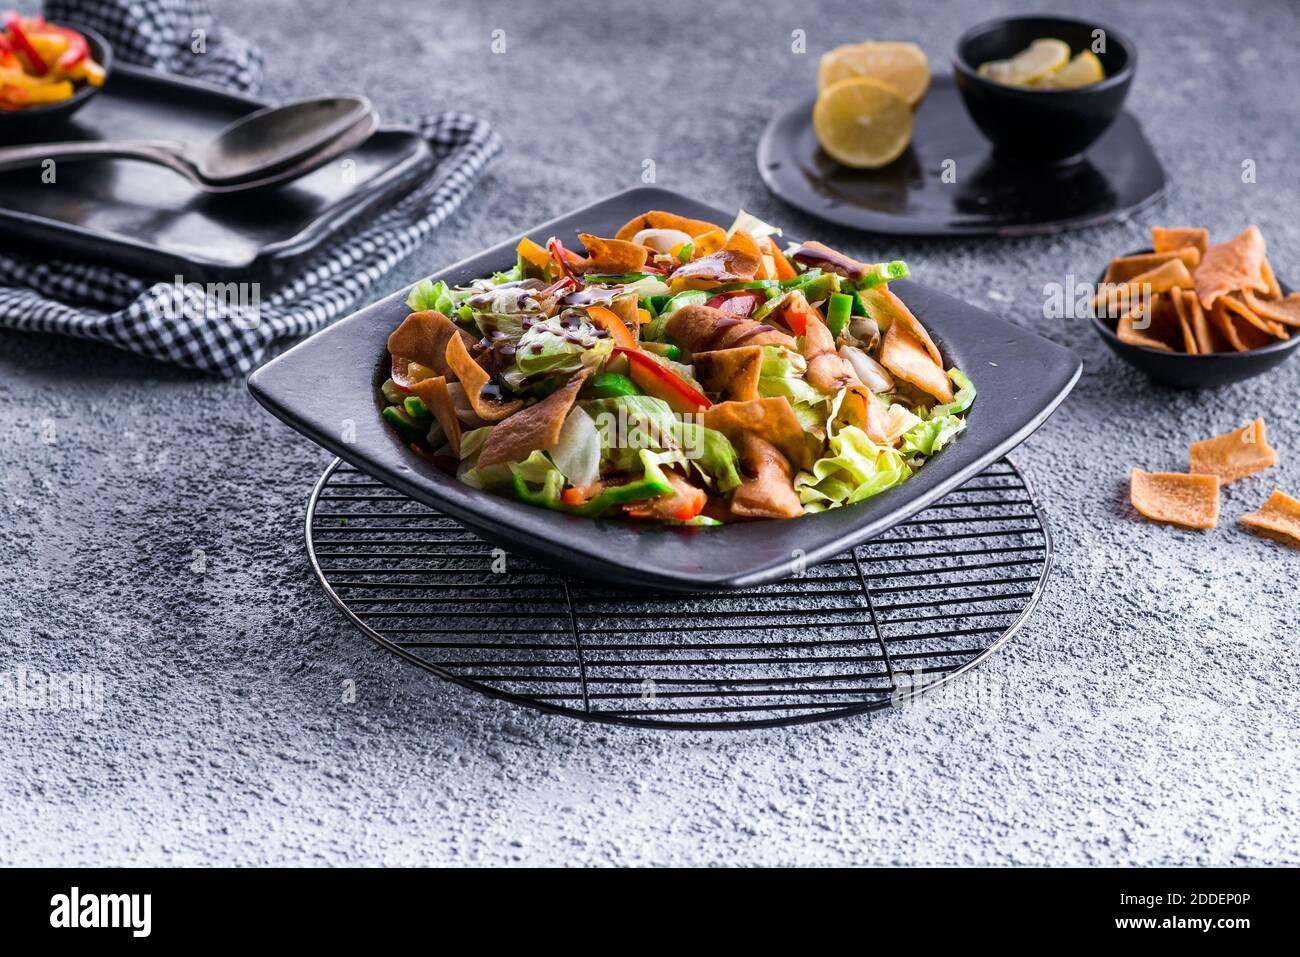 Con ensalada de verduras frescas Foto de stock